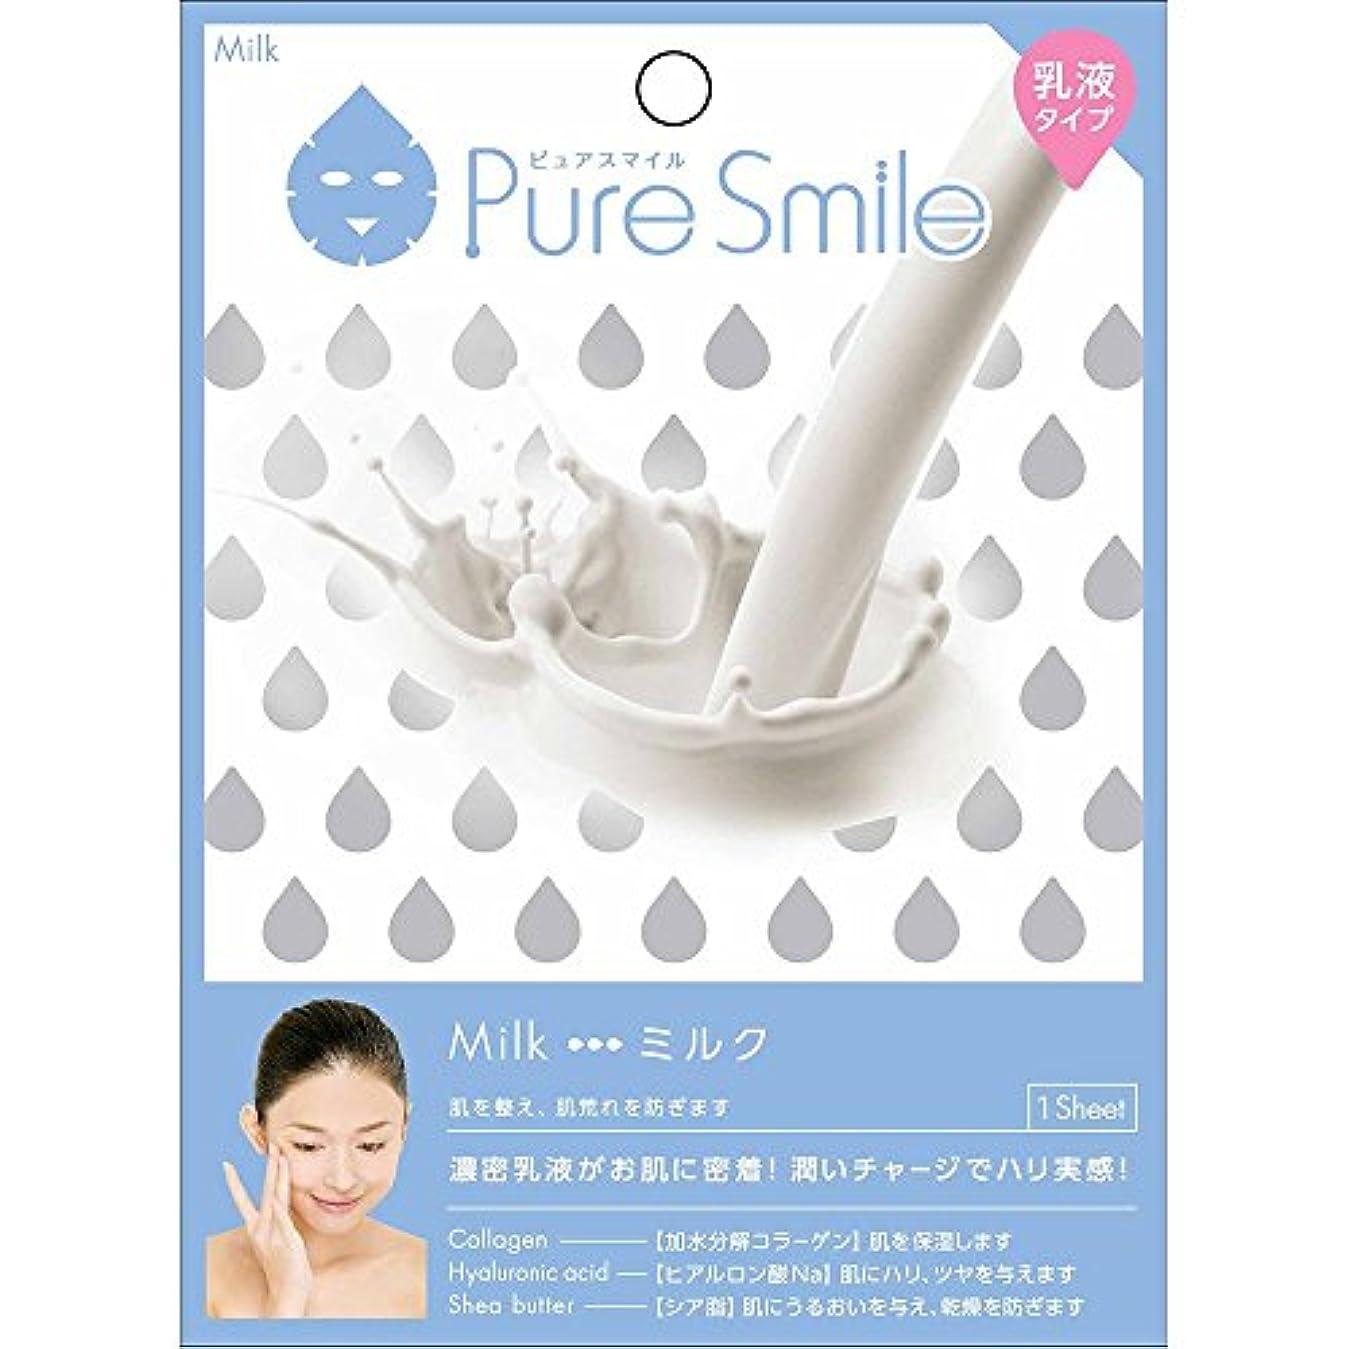 涙が出る答えはがきPure Smile(ピュアスマイル) 乳液エッセンスマスク 1 枚 ミルク